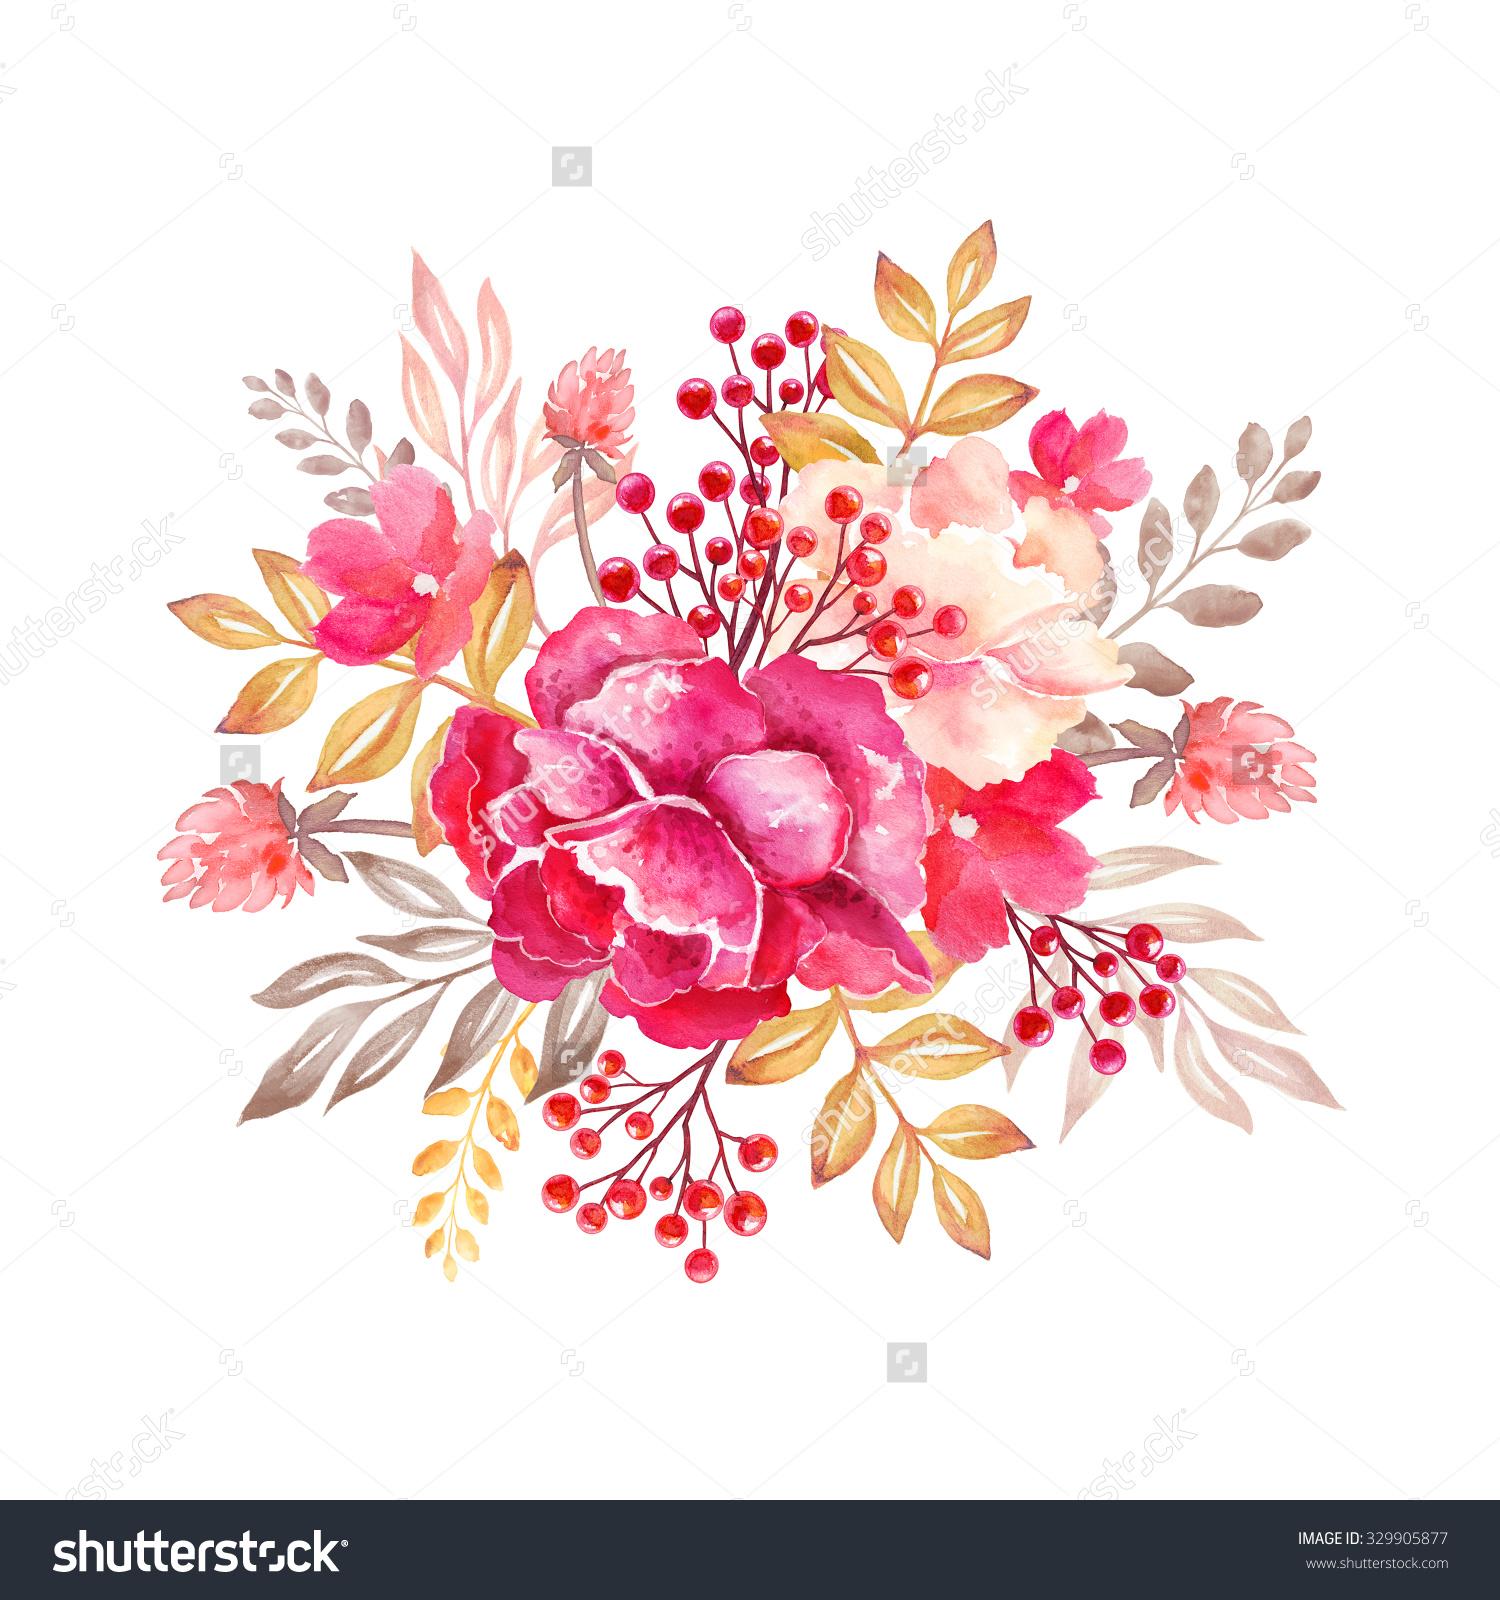 Floral Arrangement Round Bouquet Flowers Design Stock Illustration.